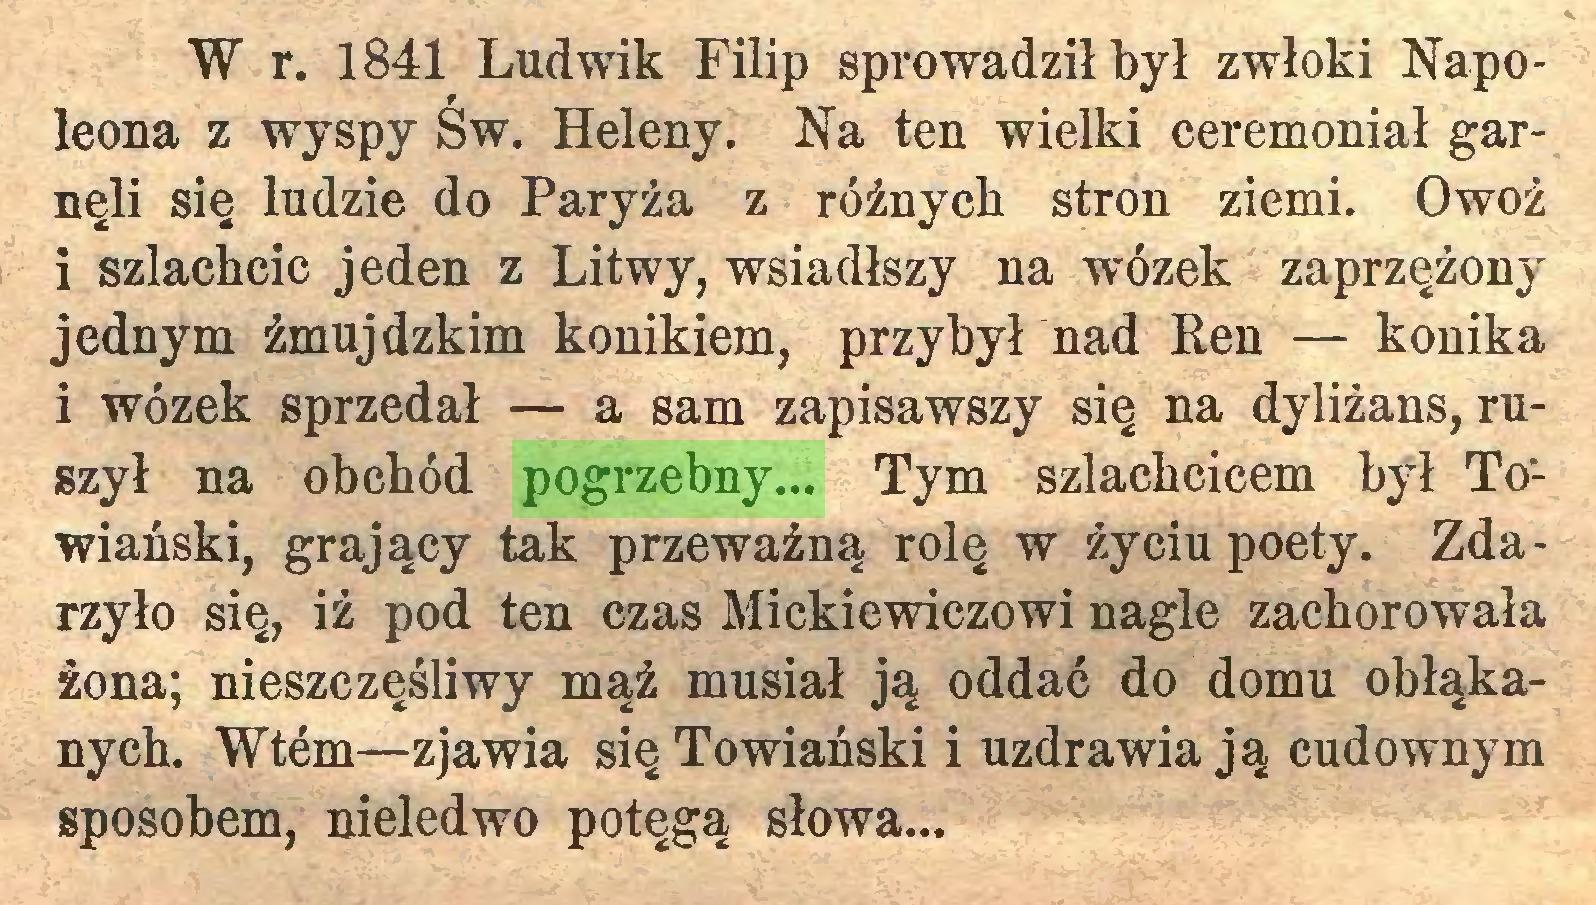 (...) W r. 1841 Ludwik Filip sprowadził był zwłoki Napoleona z wyspy Św. Heleny. Na ten wielki ceremoniał garnęli się ludzie do Paryża z różnych stron ziemi. Owoź i szlachcic jeden z Litwy, wsiadłszy na wózek zaprzężony jednym źmujdzkim konikiem, przybył nad Ren — konika i wózek sprzedał — a sam zapisawszy się na dyliżans, ruszył na obchód pogrzebny... Tym szlachcicem był Towiański, grający tak przeważną rolę w życiu poety. Zdarzyło się, iż pod ten czas Mickiewiczowi nagle zachorowała żona; nieszczęśliwy mąż musiał ją oddać do domu obłąkanych. Wtem—zjawia się Towiański i uzdrawia ją cudownym sposobem, nieledwo potęgą słowa...